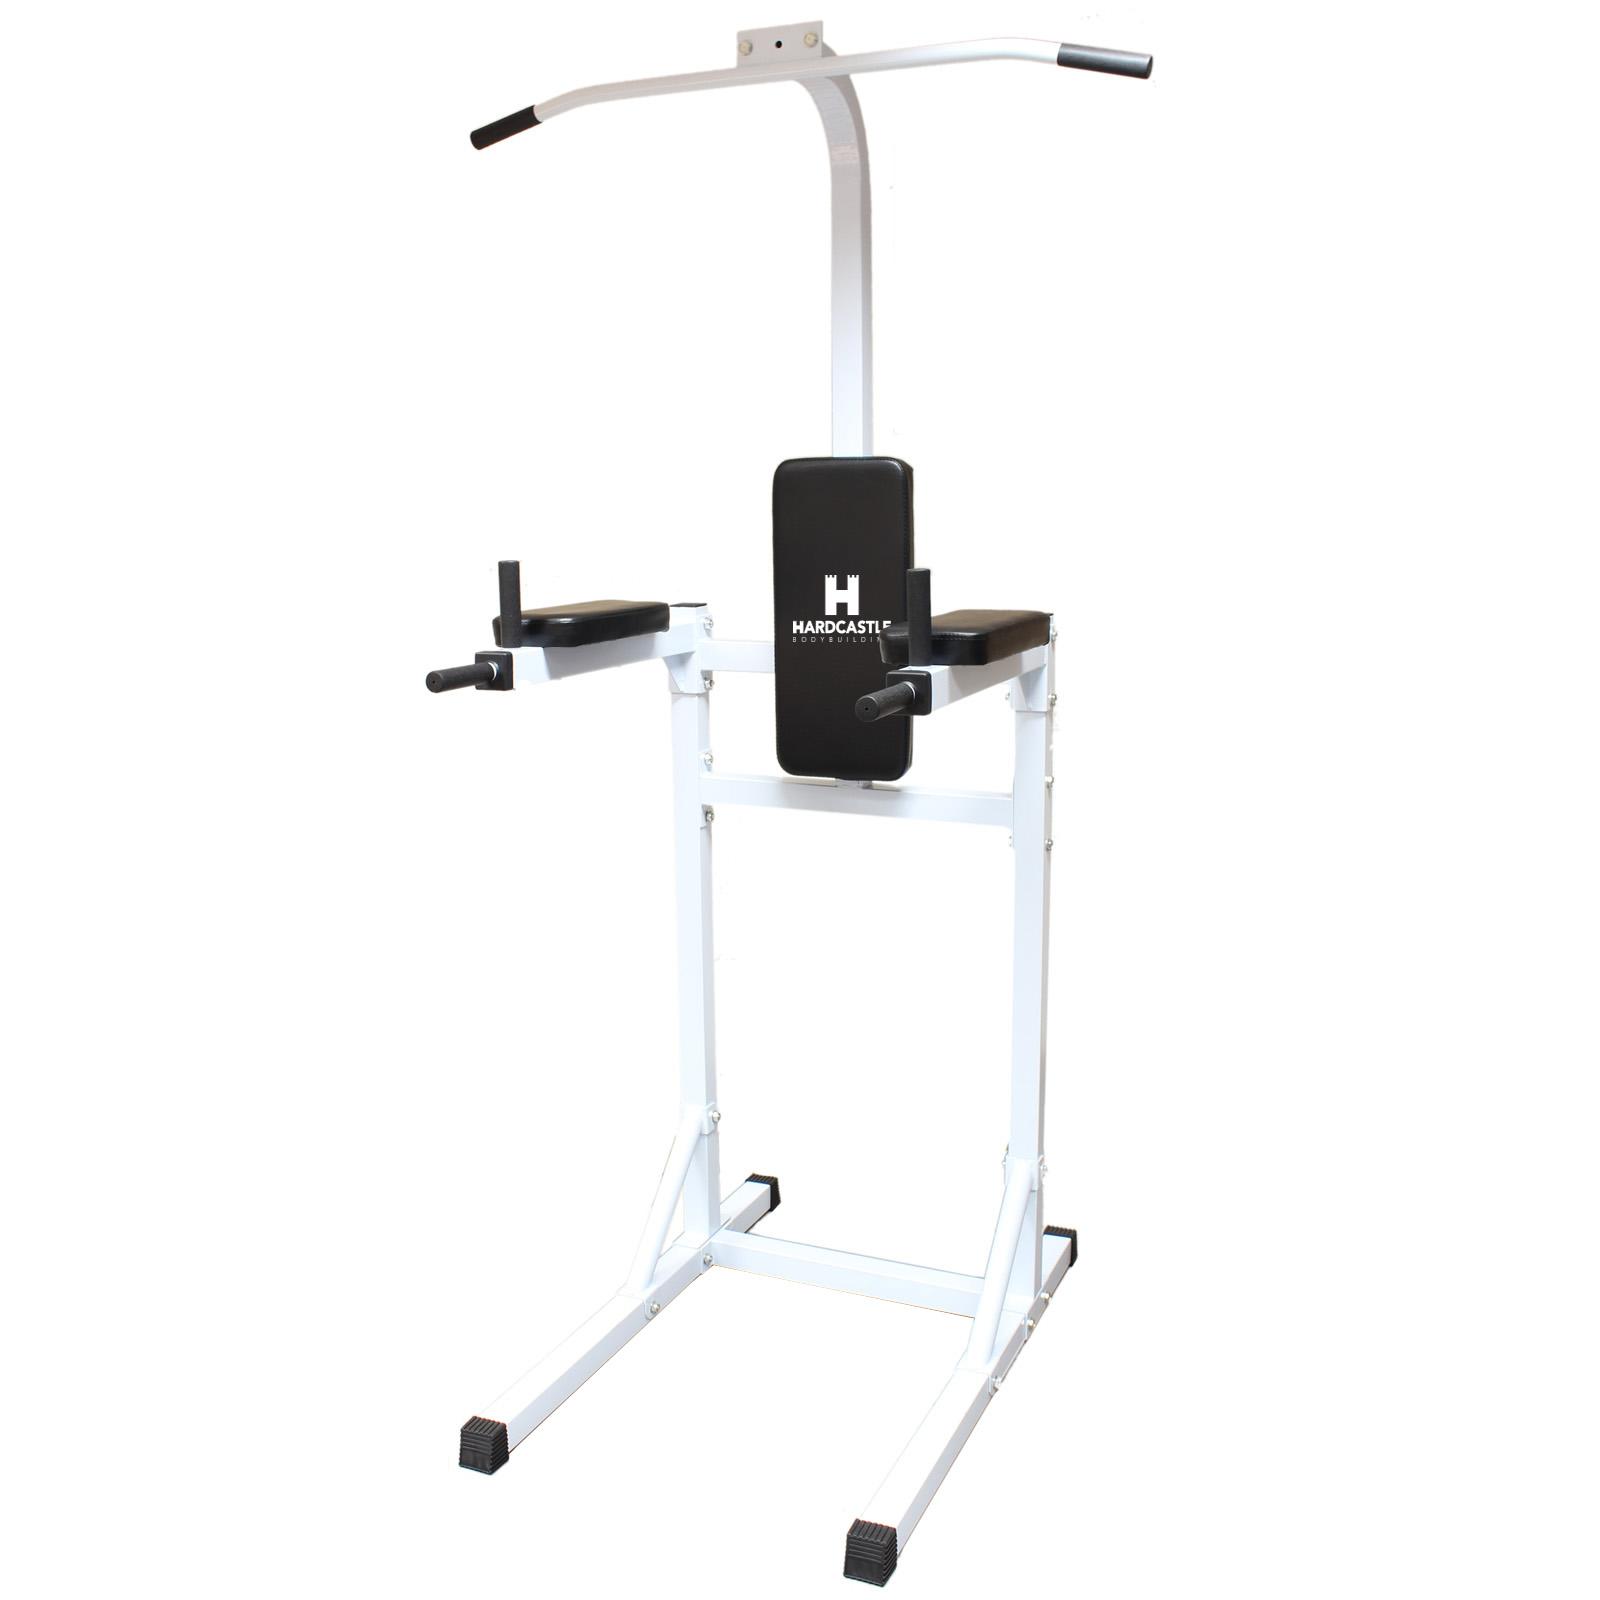 Details Sur Hardcastle Chaise Romaine De Gym Barres Tractions Dips Musculation Fitness